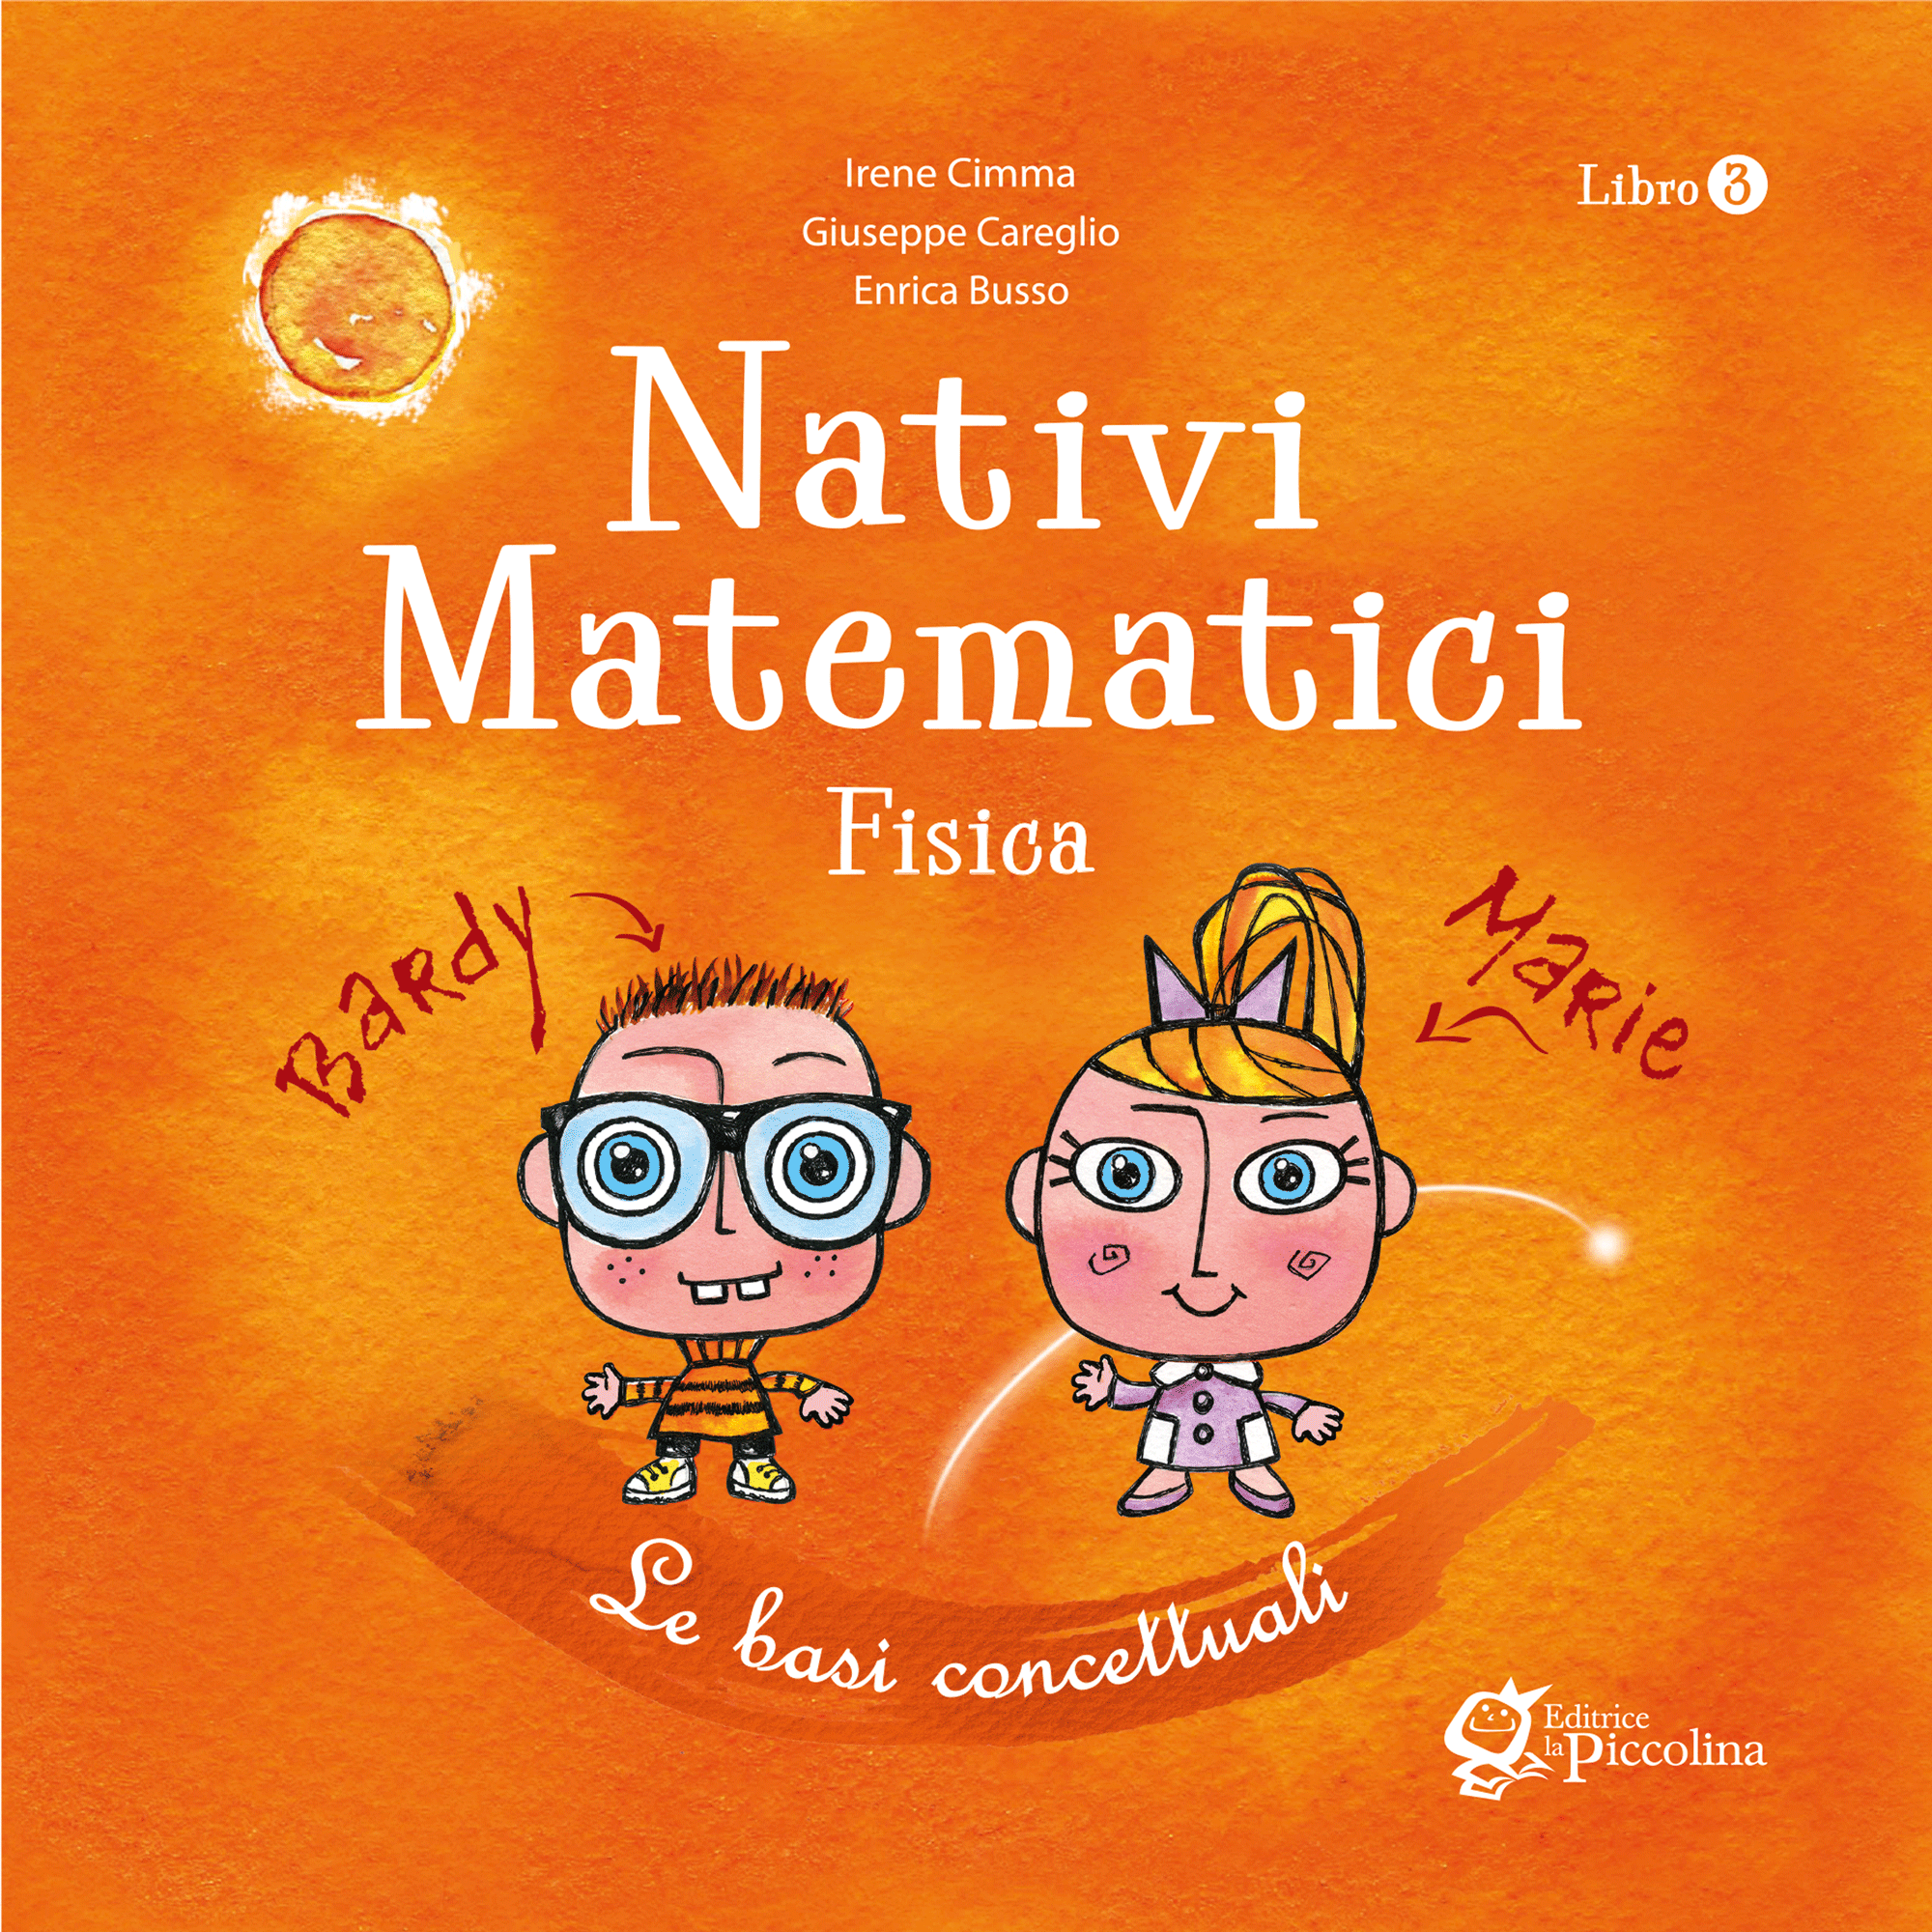 Nativi Matematici – Fisica